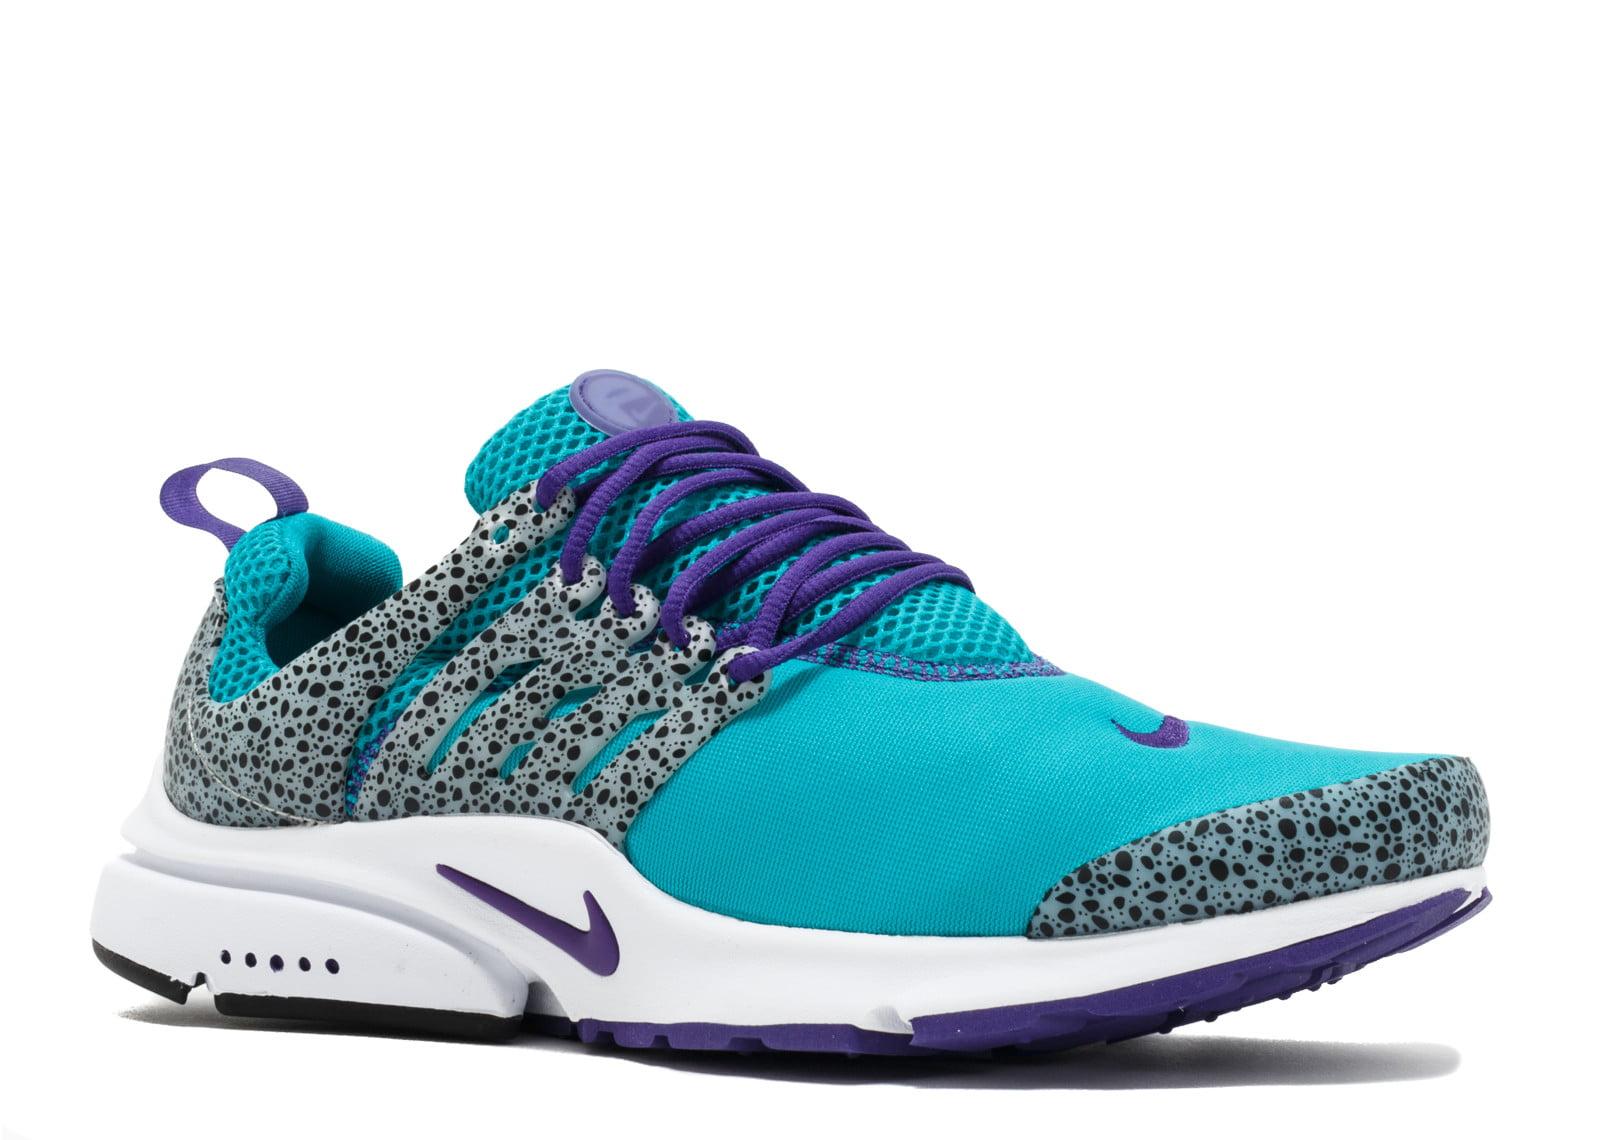 big sale 2d9d2 def52 Nike - Men - Nike Air Presto Qs Safari Pack - 886043-300 - S